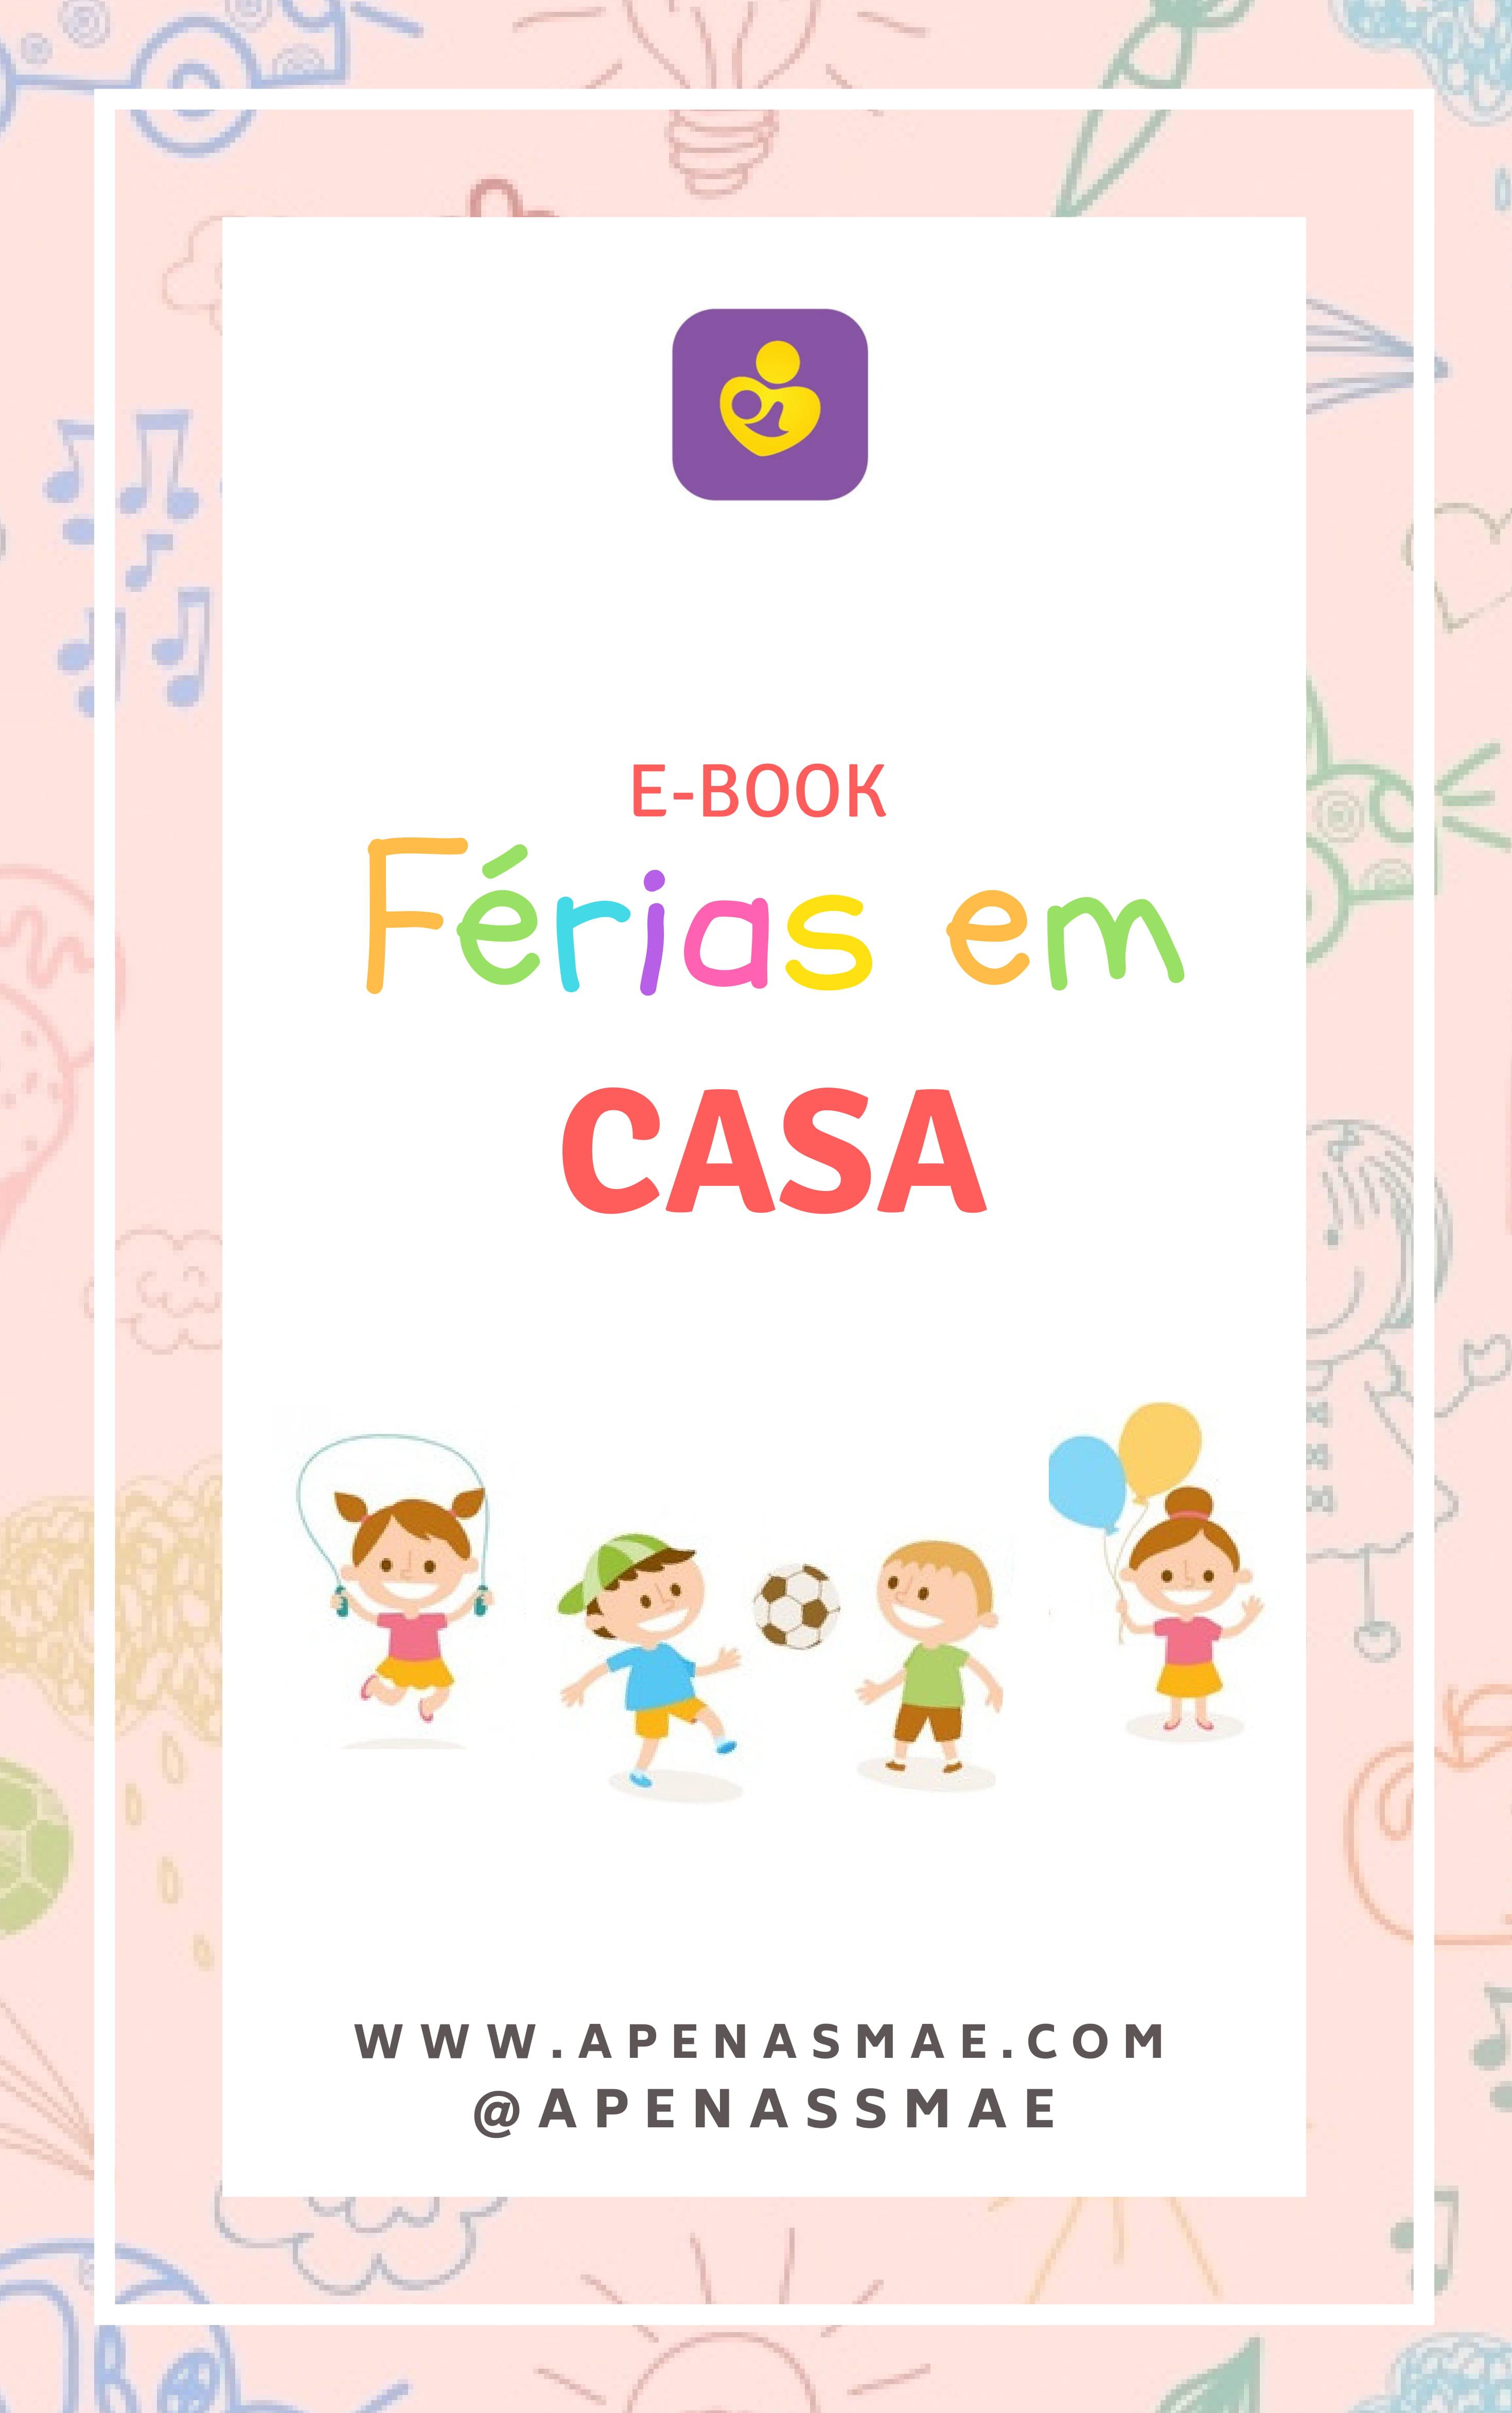 Resultado de imagem para E-BOOK FÉRIAS EM CASA